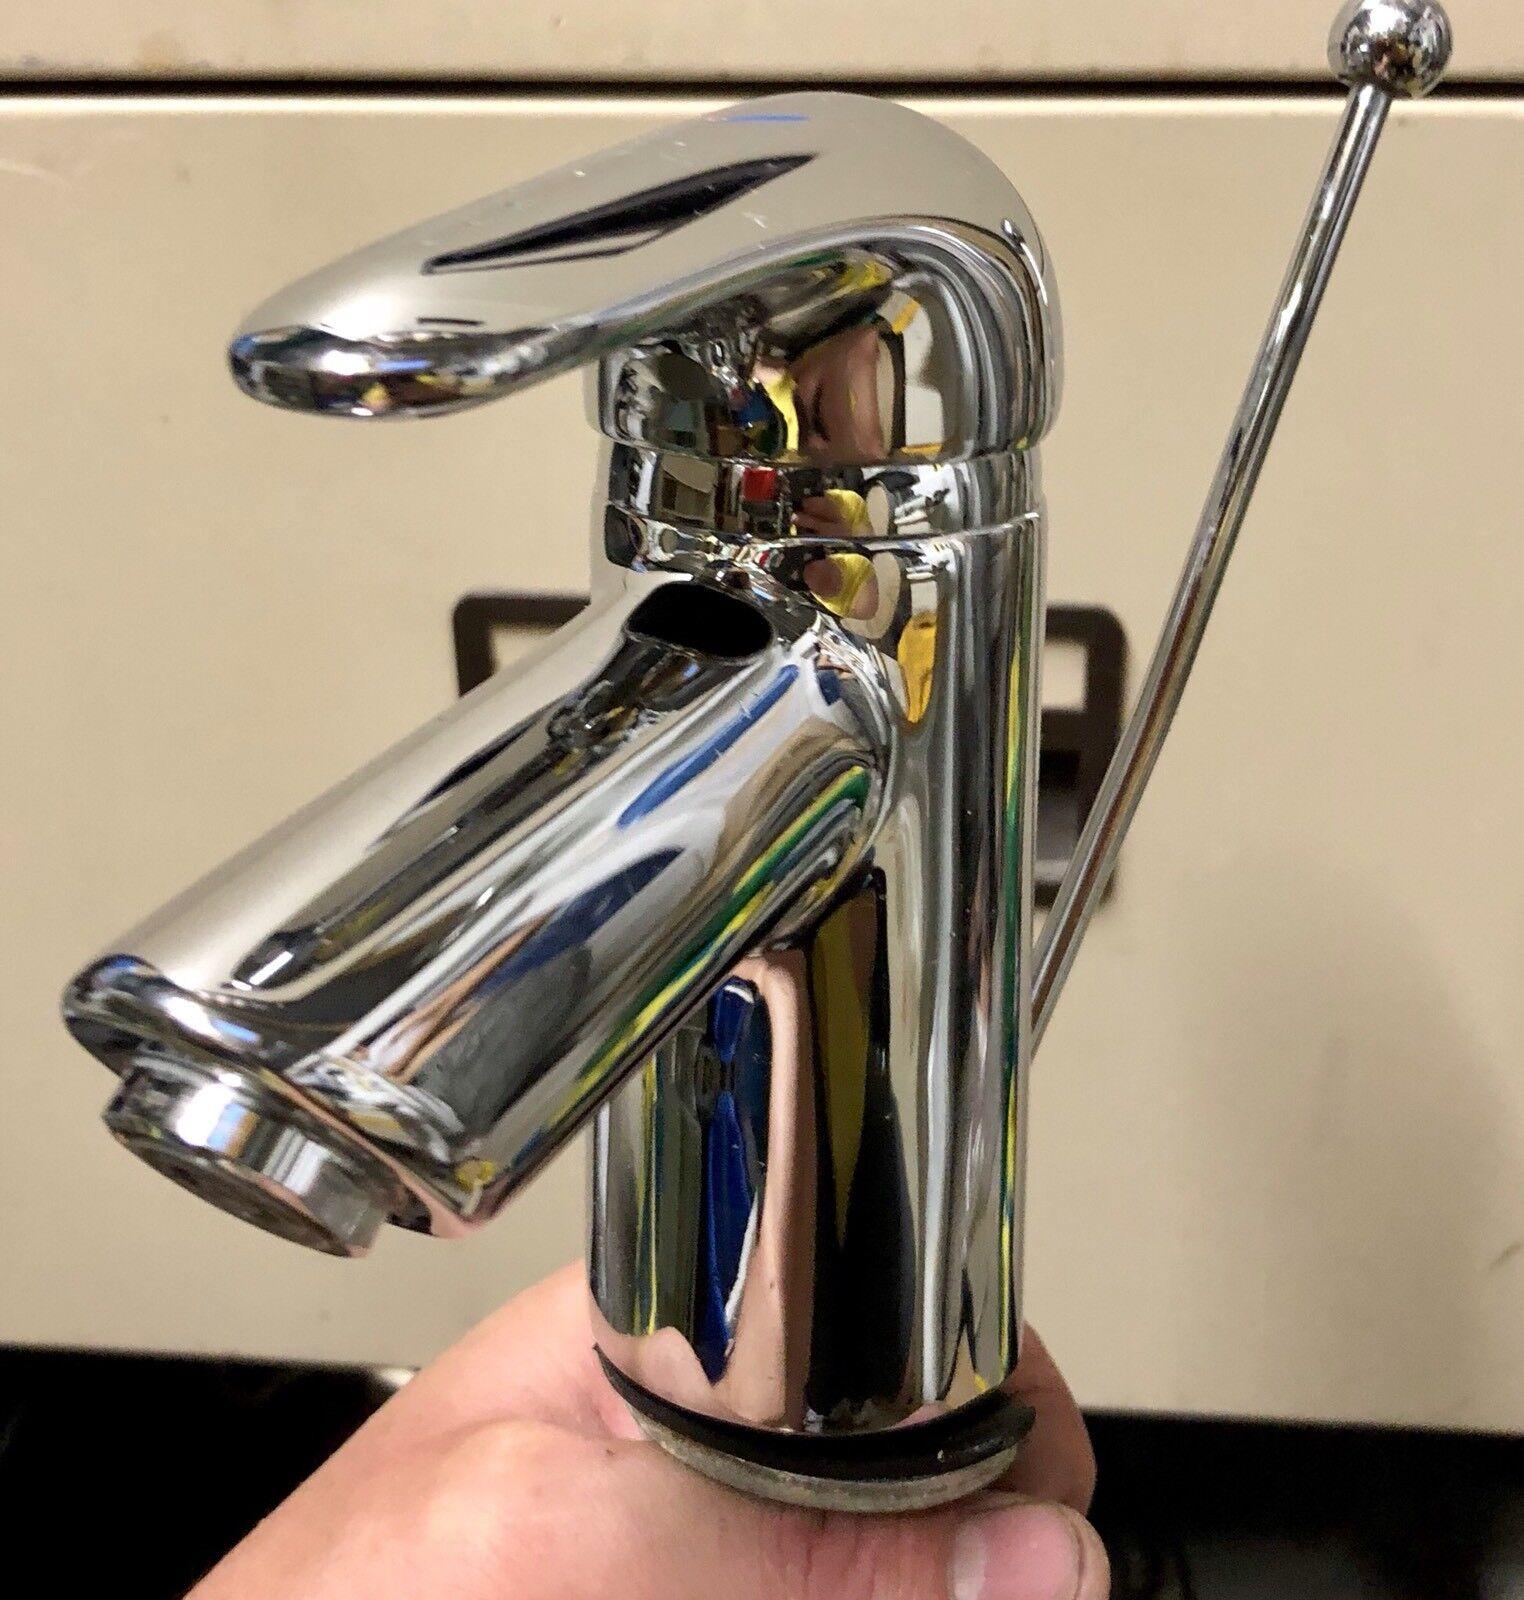 Hansgrohe monobloc en laiton massif chromé salle de bain robinet   Nous Avons Gagné Les éloges De Clients